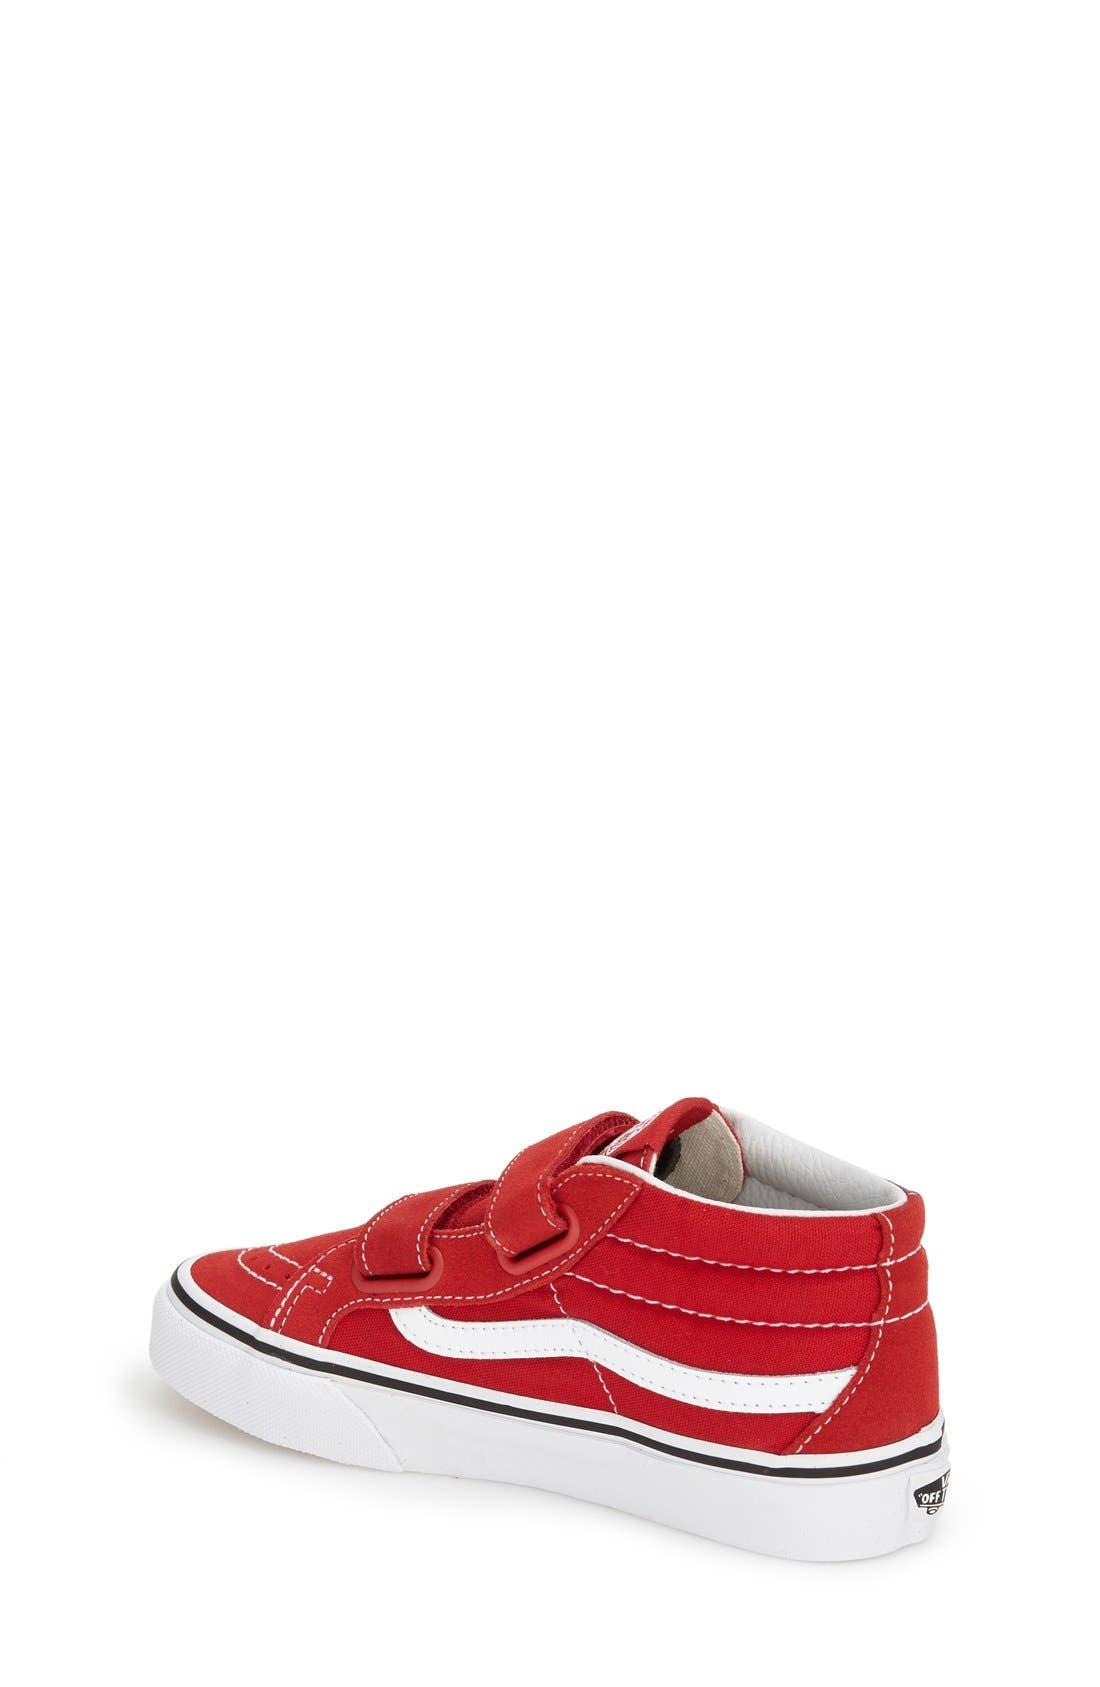 'Sk8-Hi Reissue V' Sneaker,                             Alternate thumbnail 2, color,                             FORMULA ONE/ TRUE WHITE